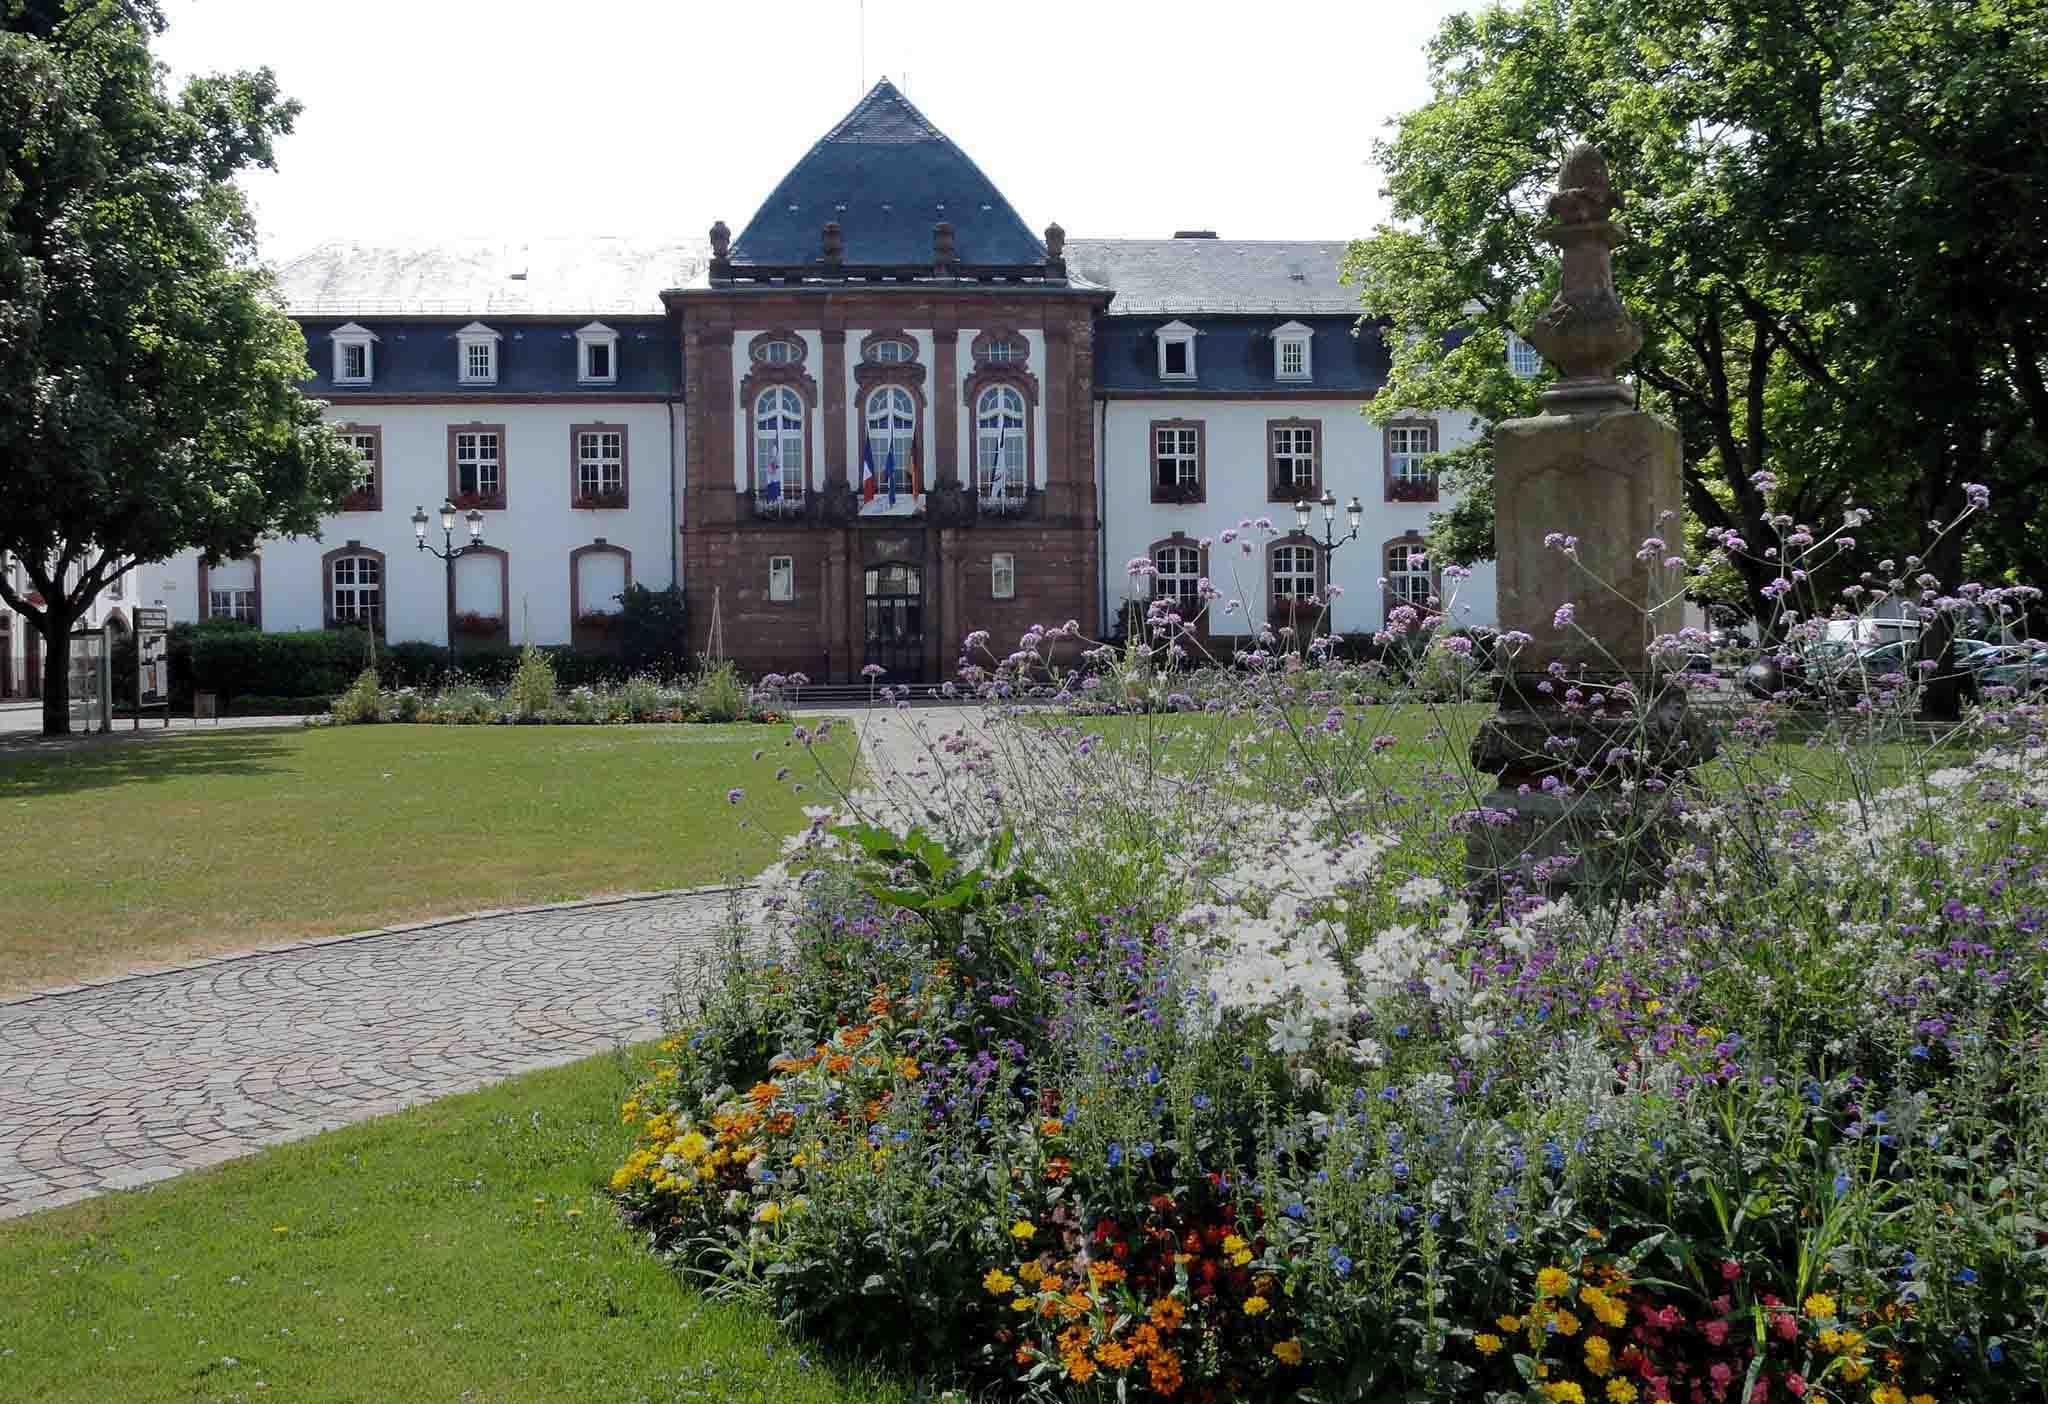 L'association ARDAH - Accueil des Réfugiés et Demandeurs d'Asil à Haguenau